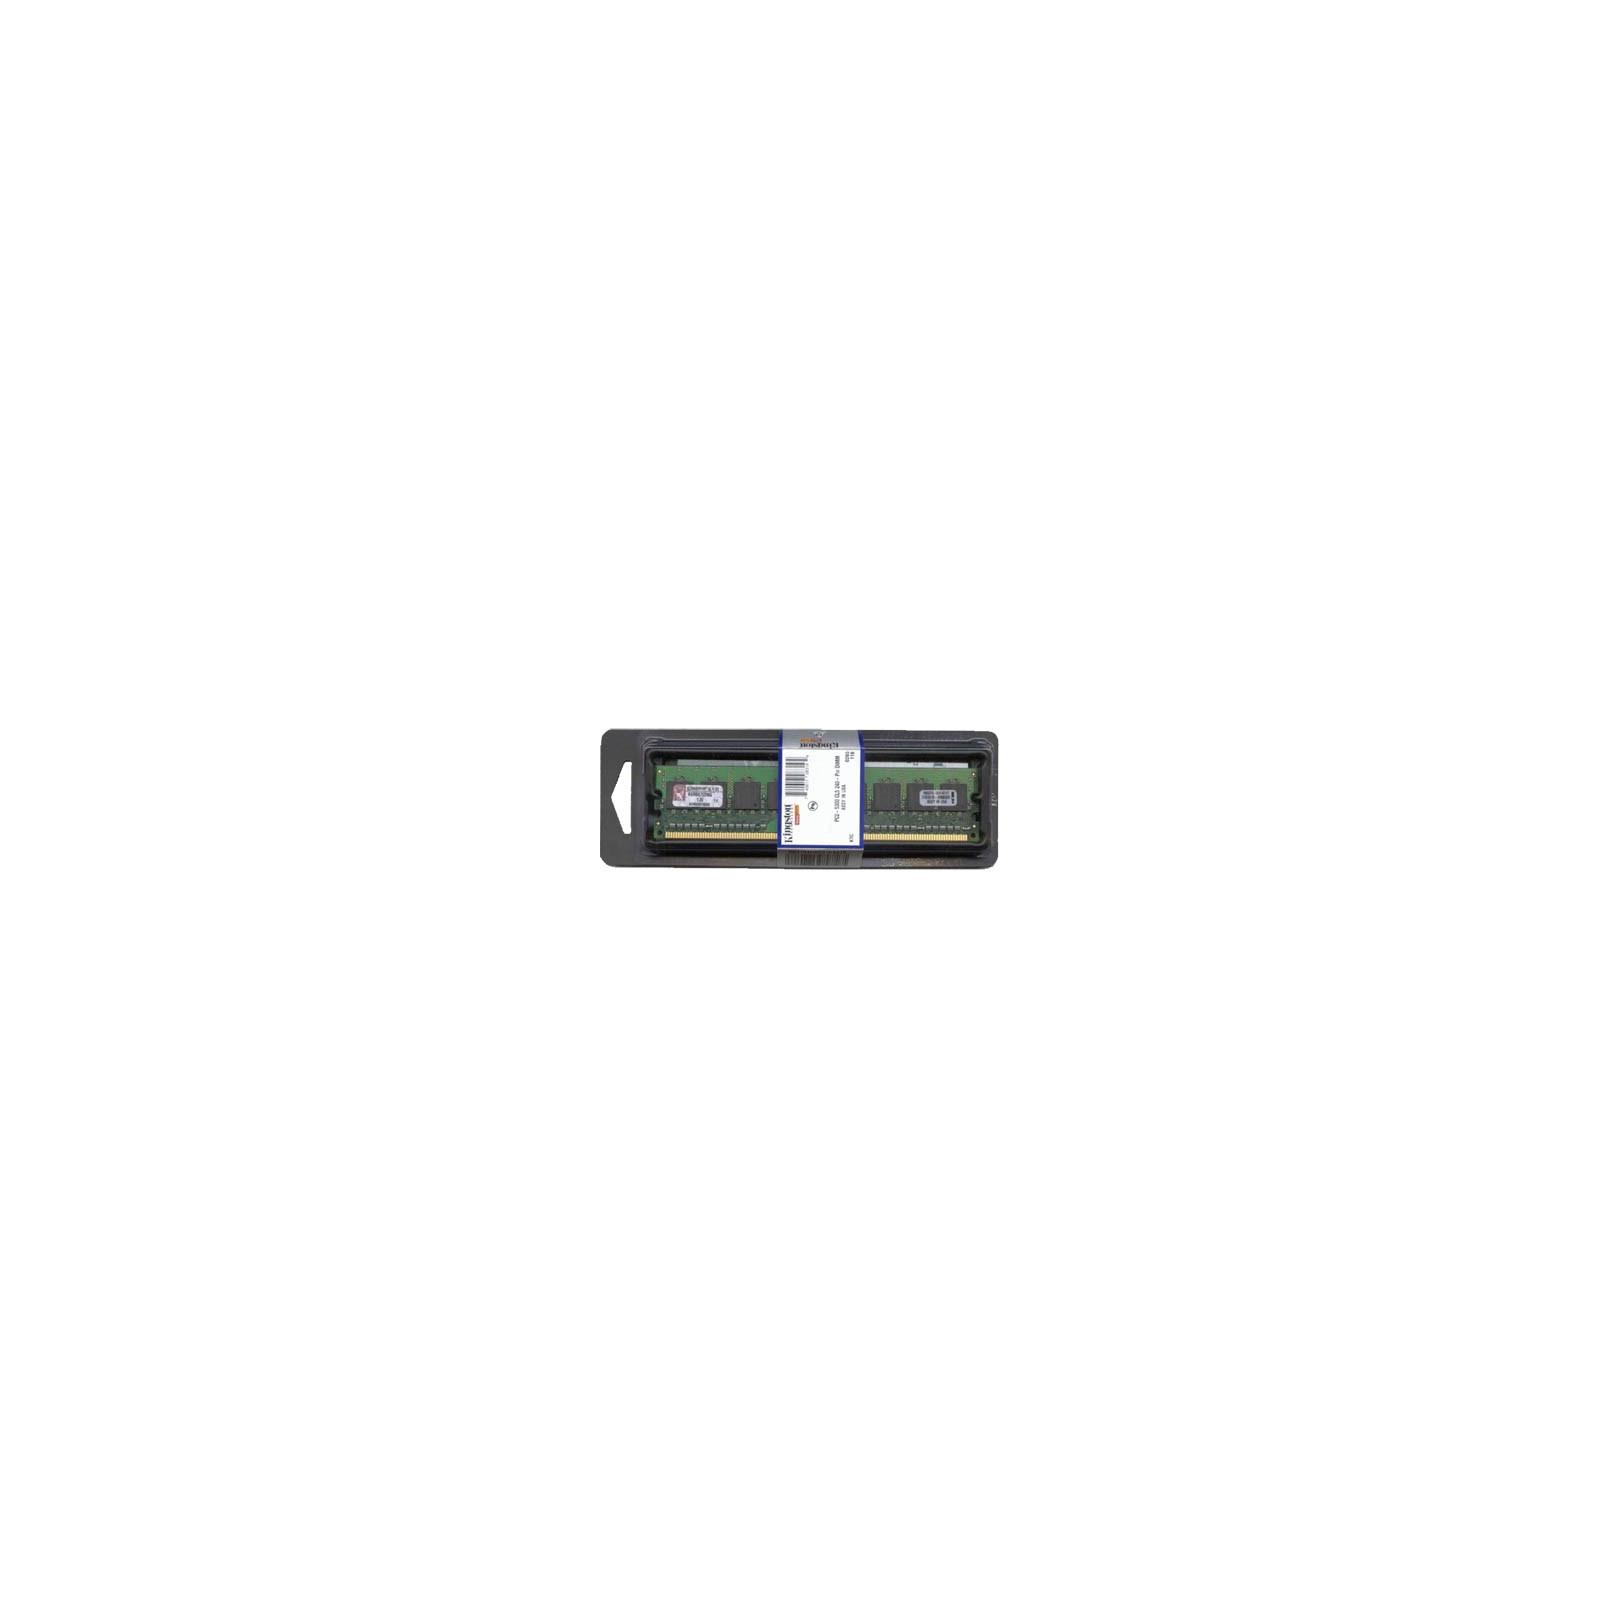 Модуль памяти для компьютера DDR2 2GB 677 MHz Kingston (KVR667D2N5/2G)